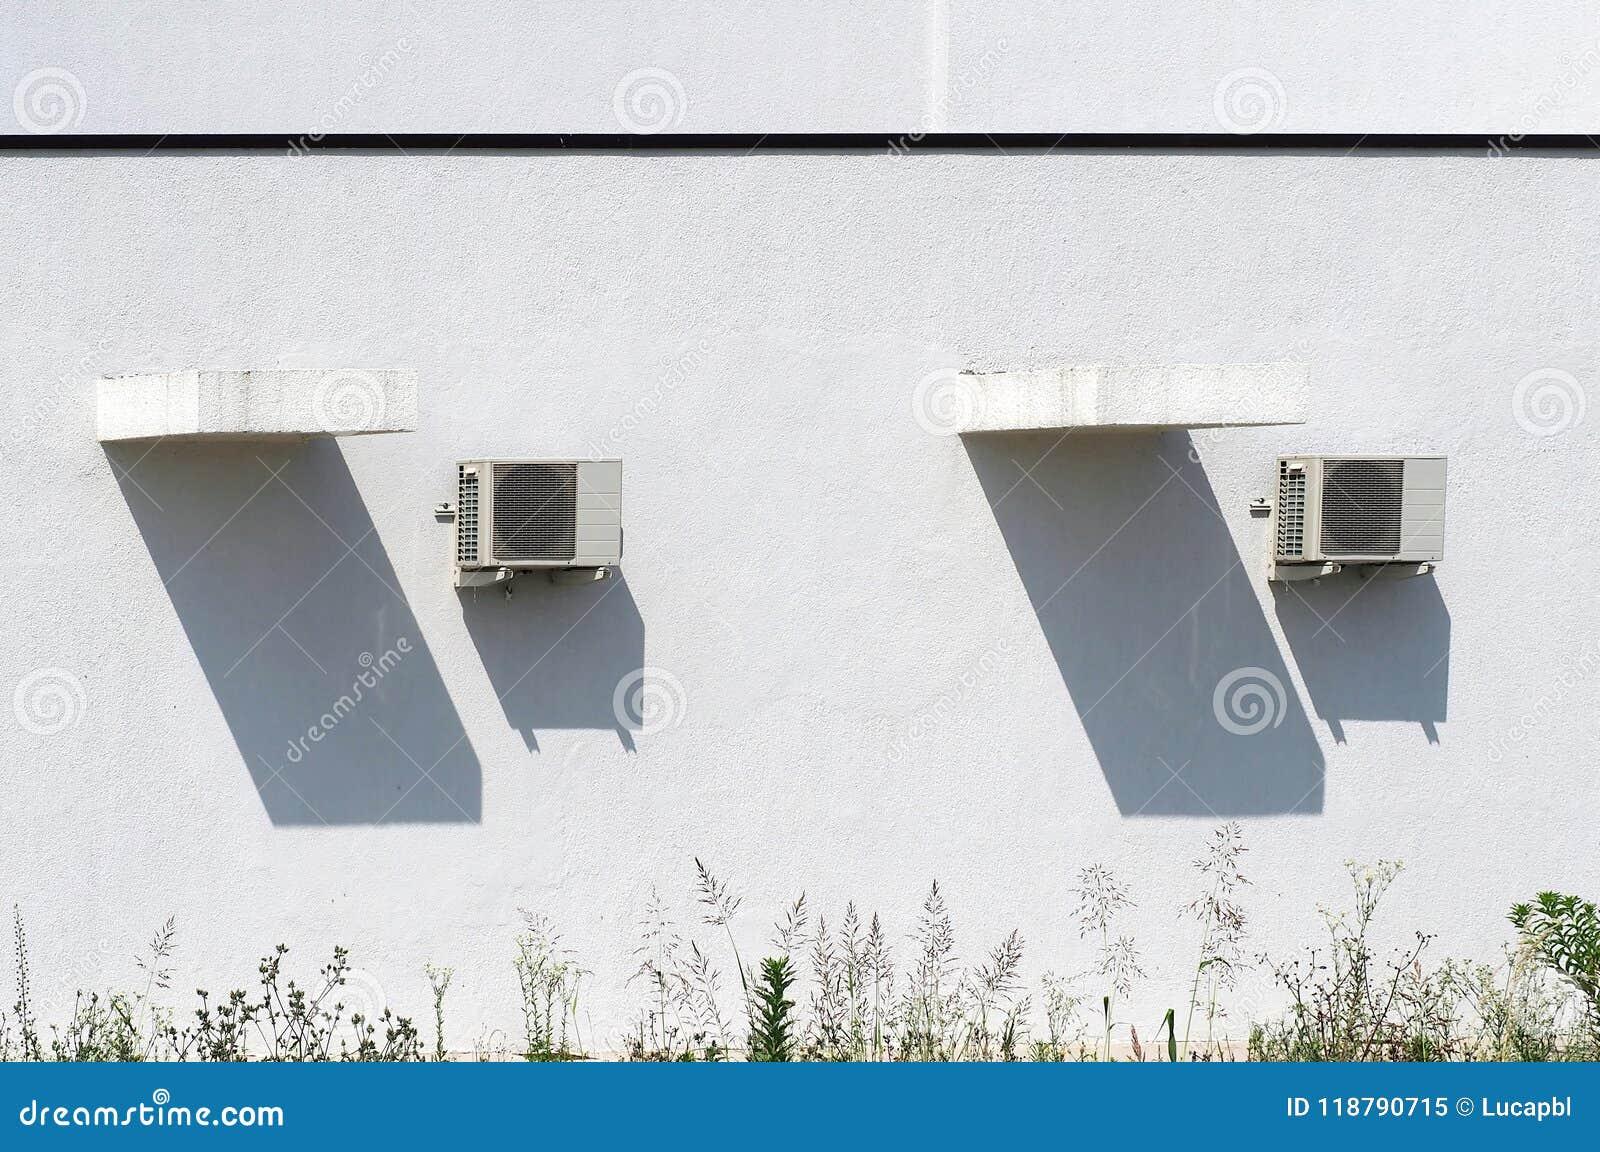 Zwei ÄußerKlimaanlagen und ihre langen Schatten auf einer Ausgangsweißen Wand, unter einem sonnigen Tag des heißen Sommers